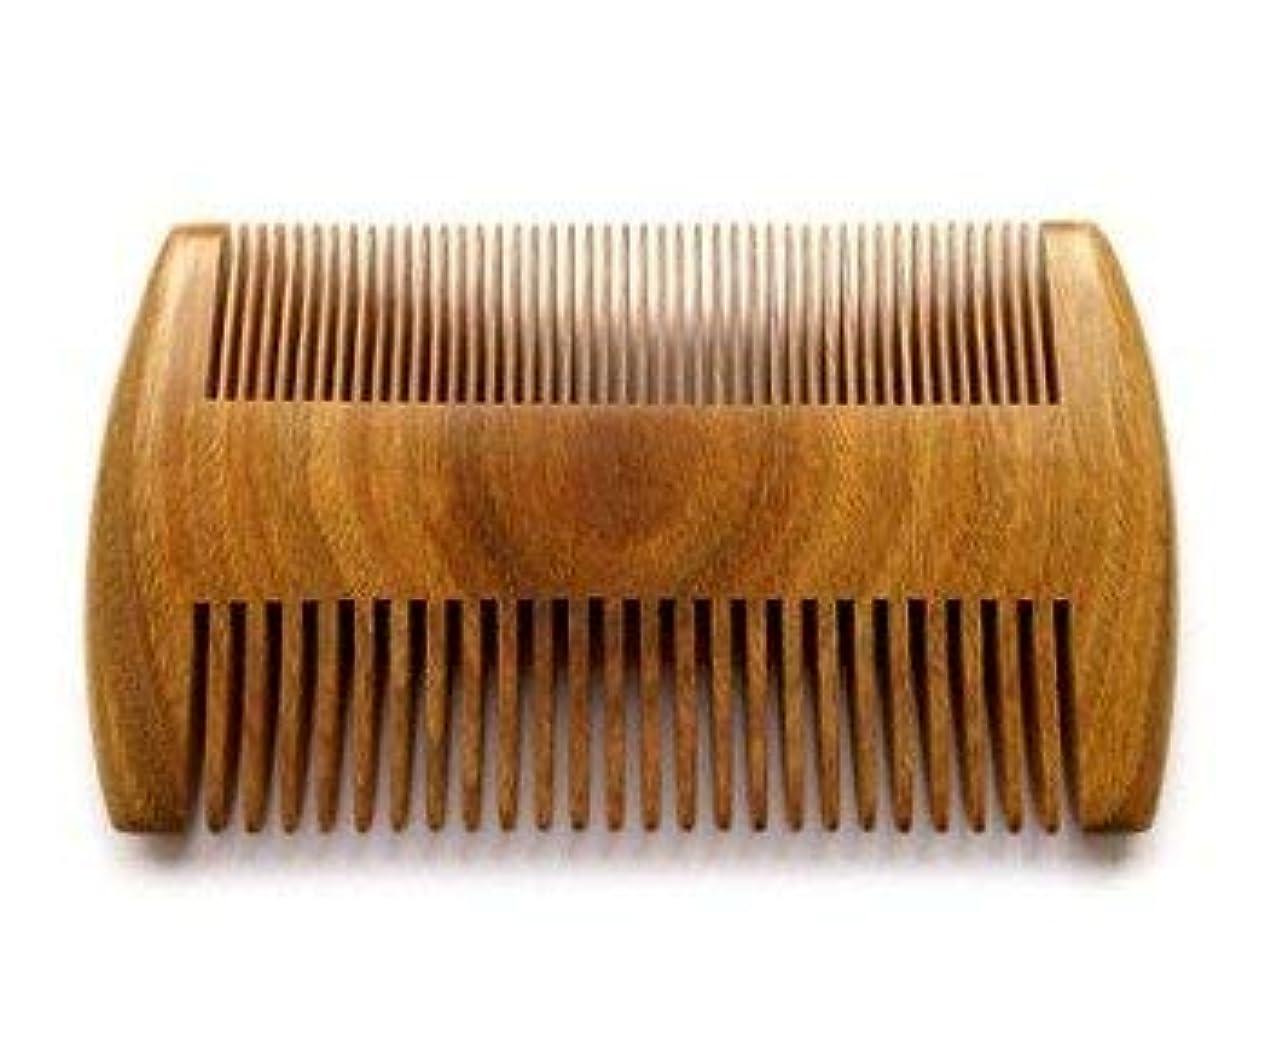 シンポジウムロバ哀れなMyhsmooth GS-SM-NF Handmade Natural Green Sandalwood No Static Comb Pocket Comb Perfect Beard Comb with Aromatic...